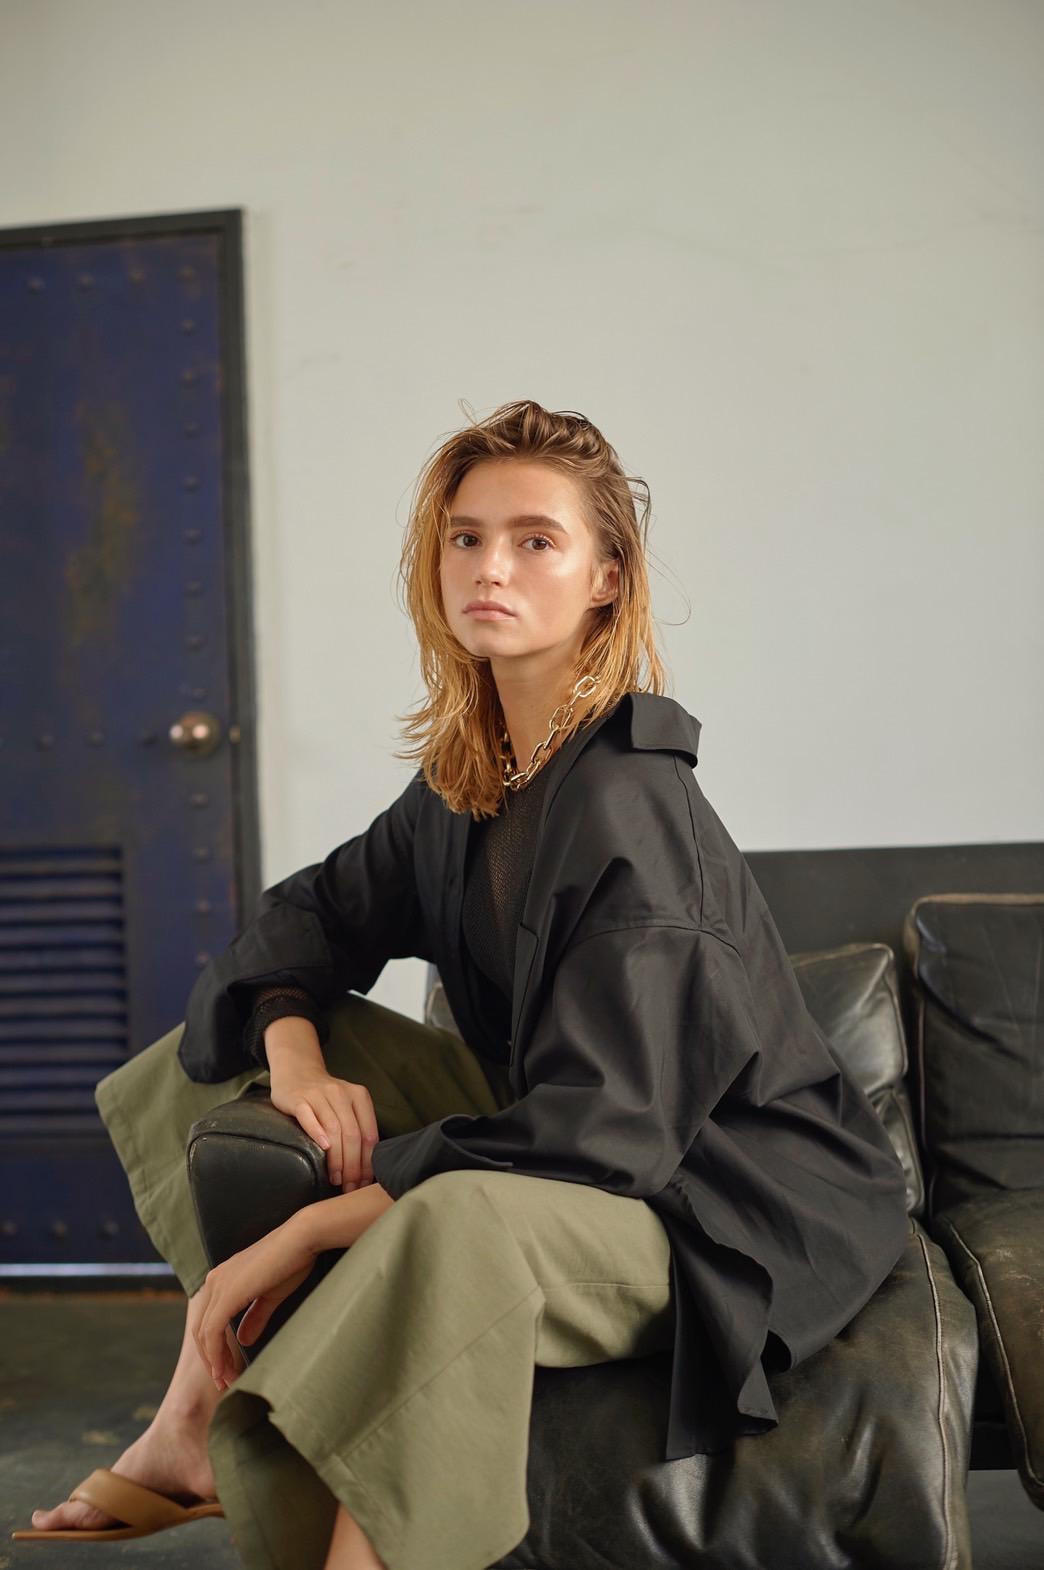 新山千春が企画・プロデュースするファッションブランド MEVOW